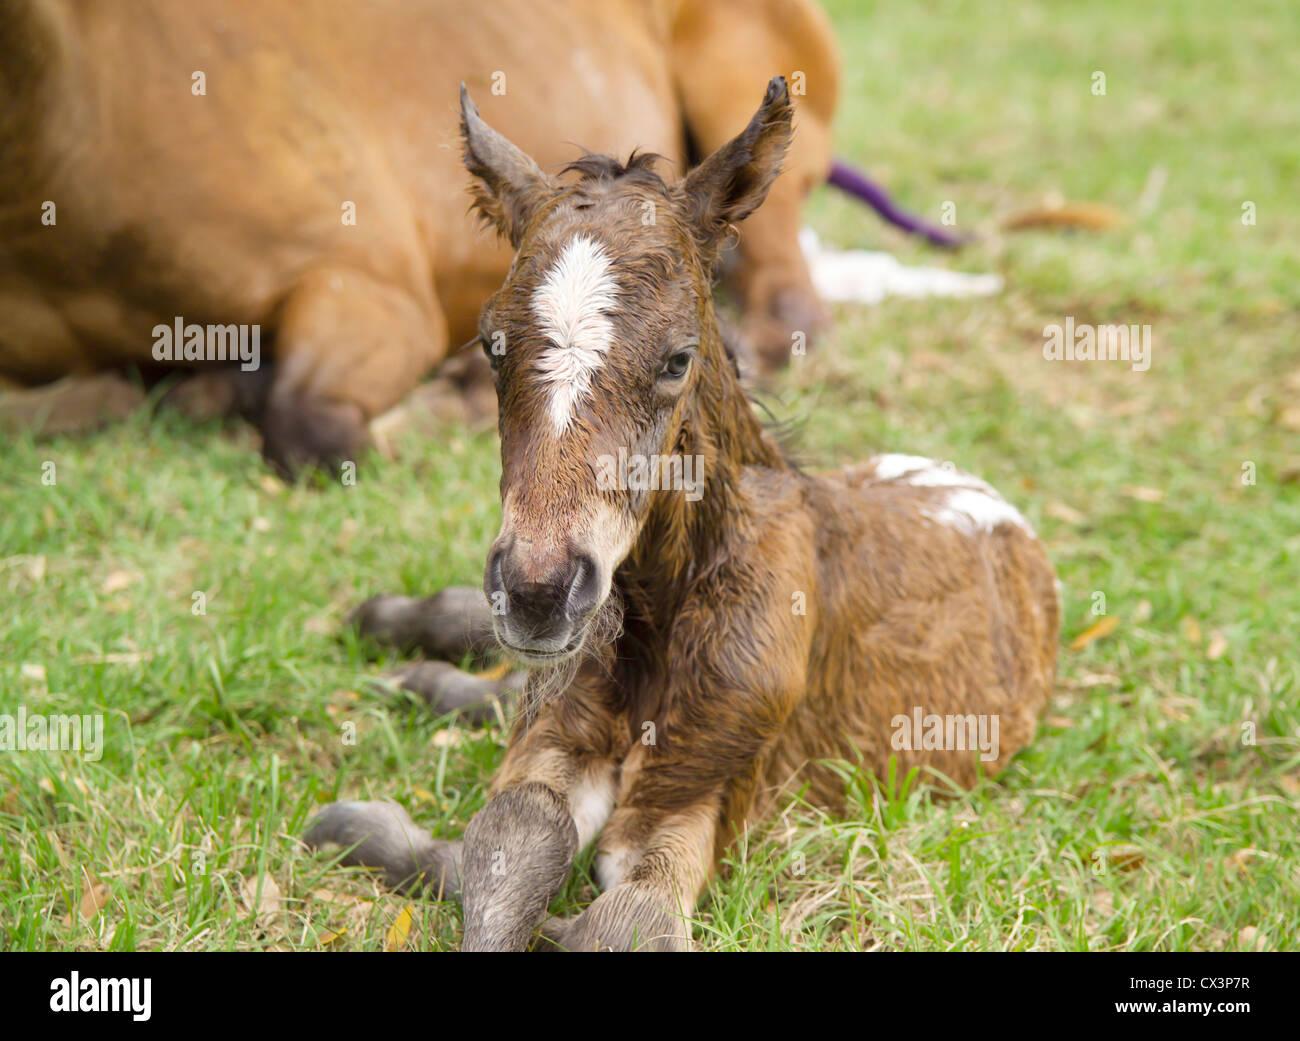 Newborn Appaloosa foal minutes after birth. Stock Photo